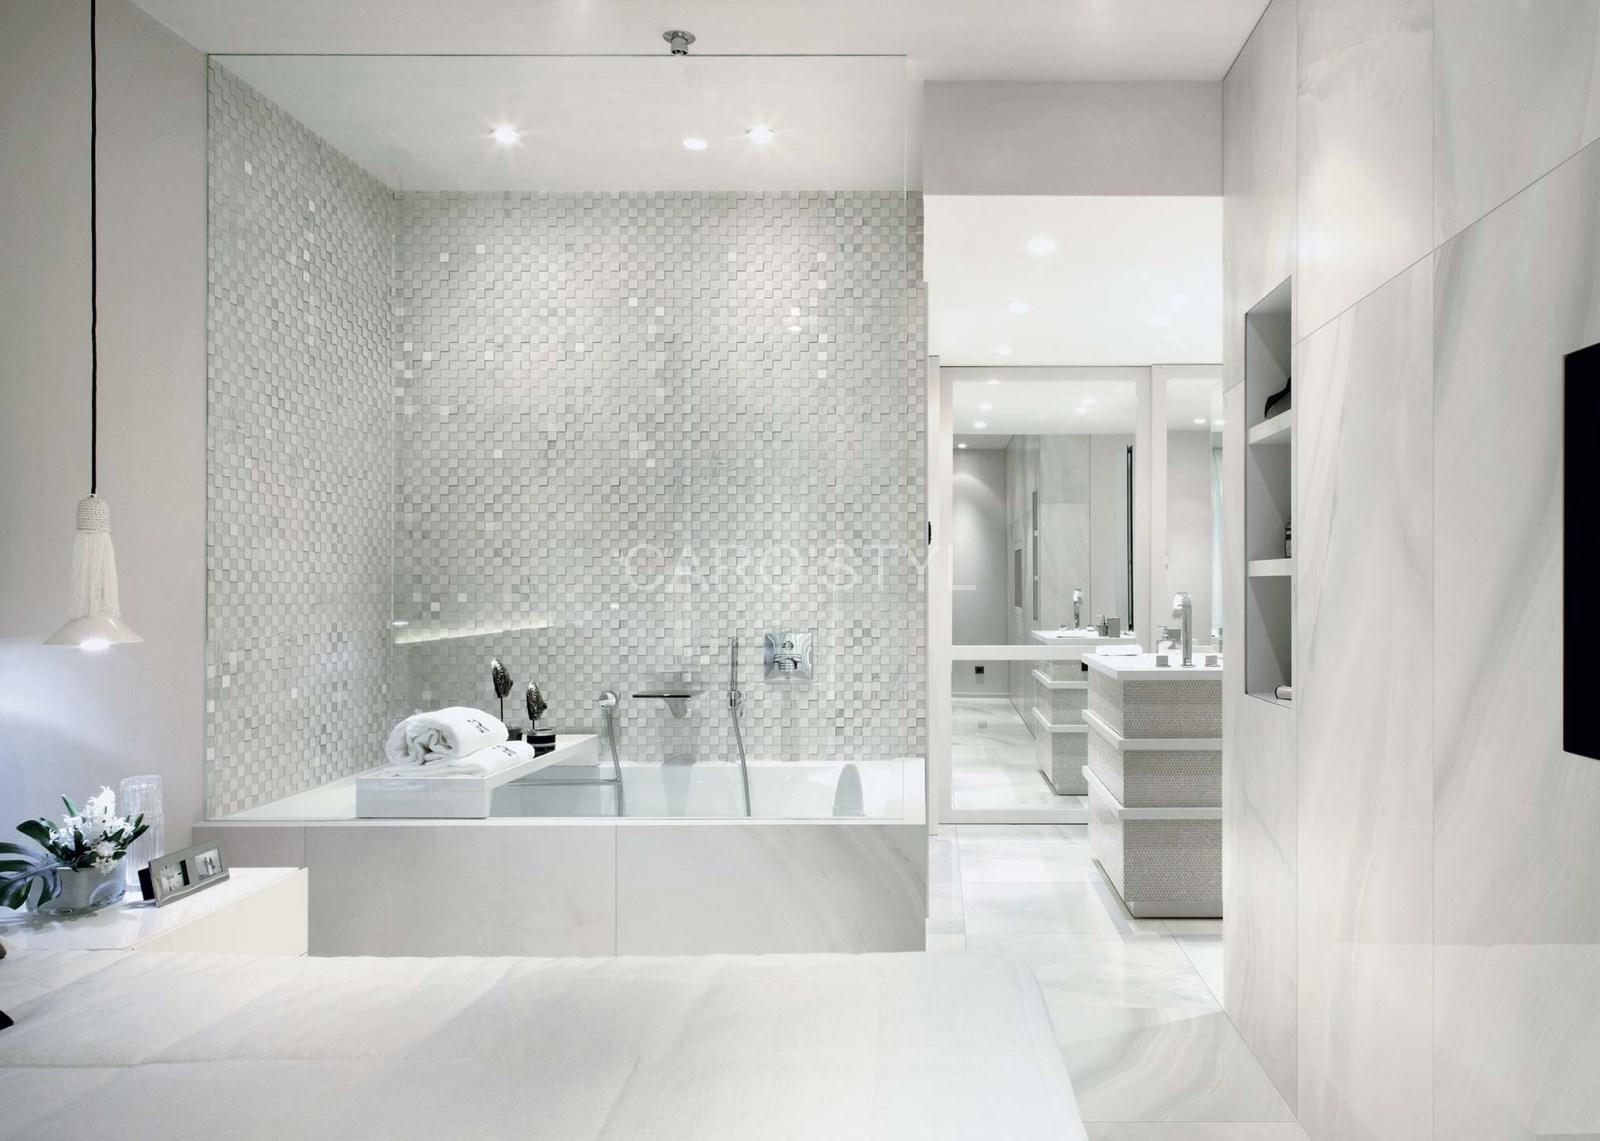 Salle De Bain Carrelage Marbre carrelage marbre salle de bain | venus et judes